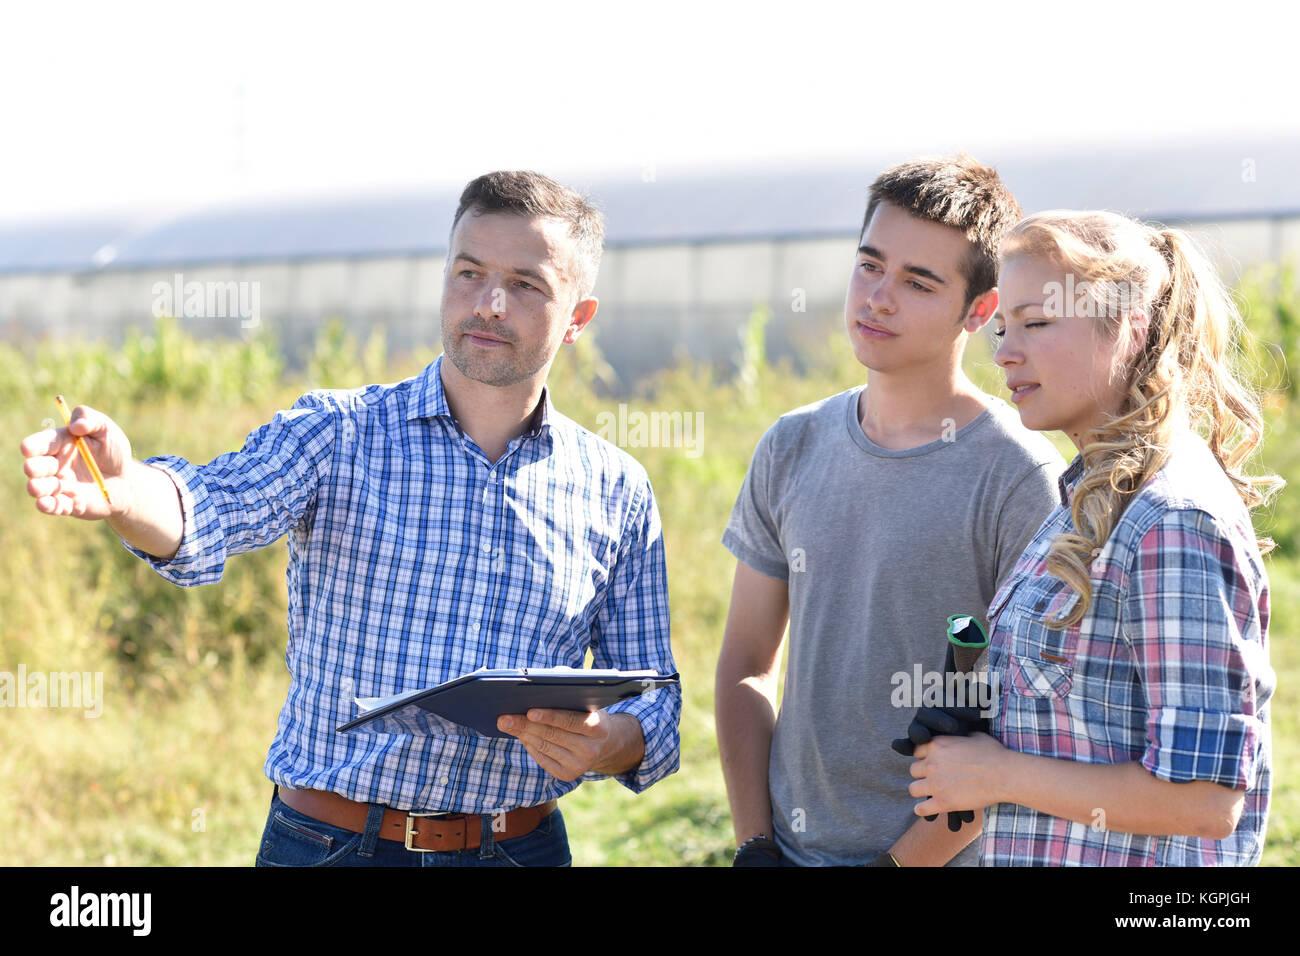 Los jóvenes con instructor en terreno agrícola Imagen De Stock